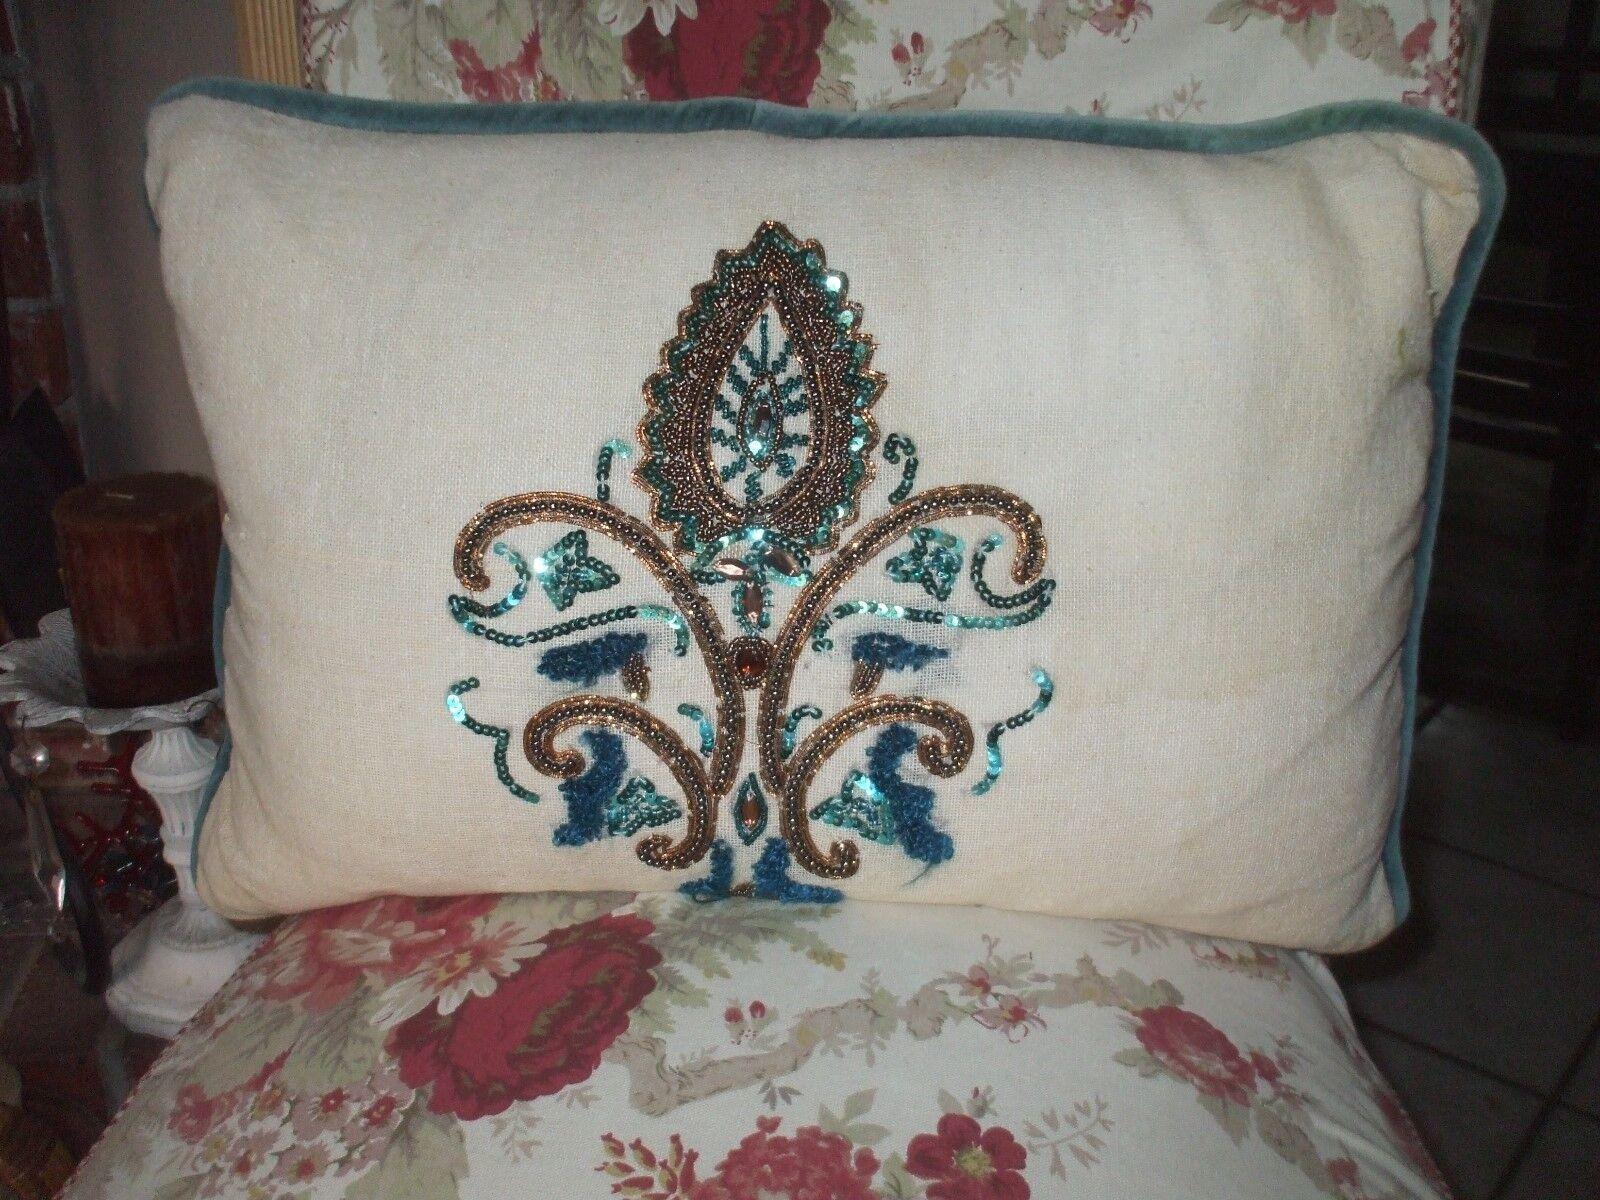 Pier 1 magnifique Beige Perles bijoux en velours à sequins Torquoise or Decorative Pillow